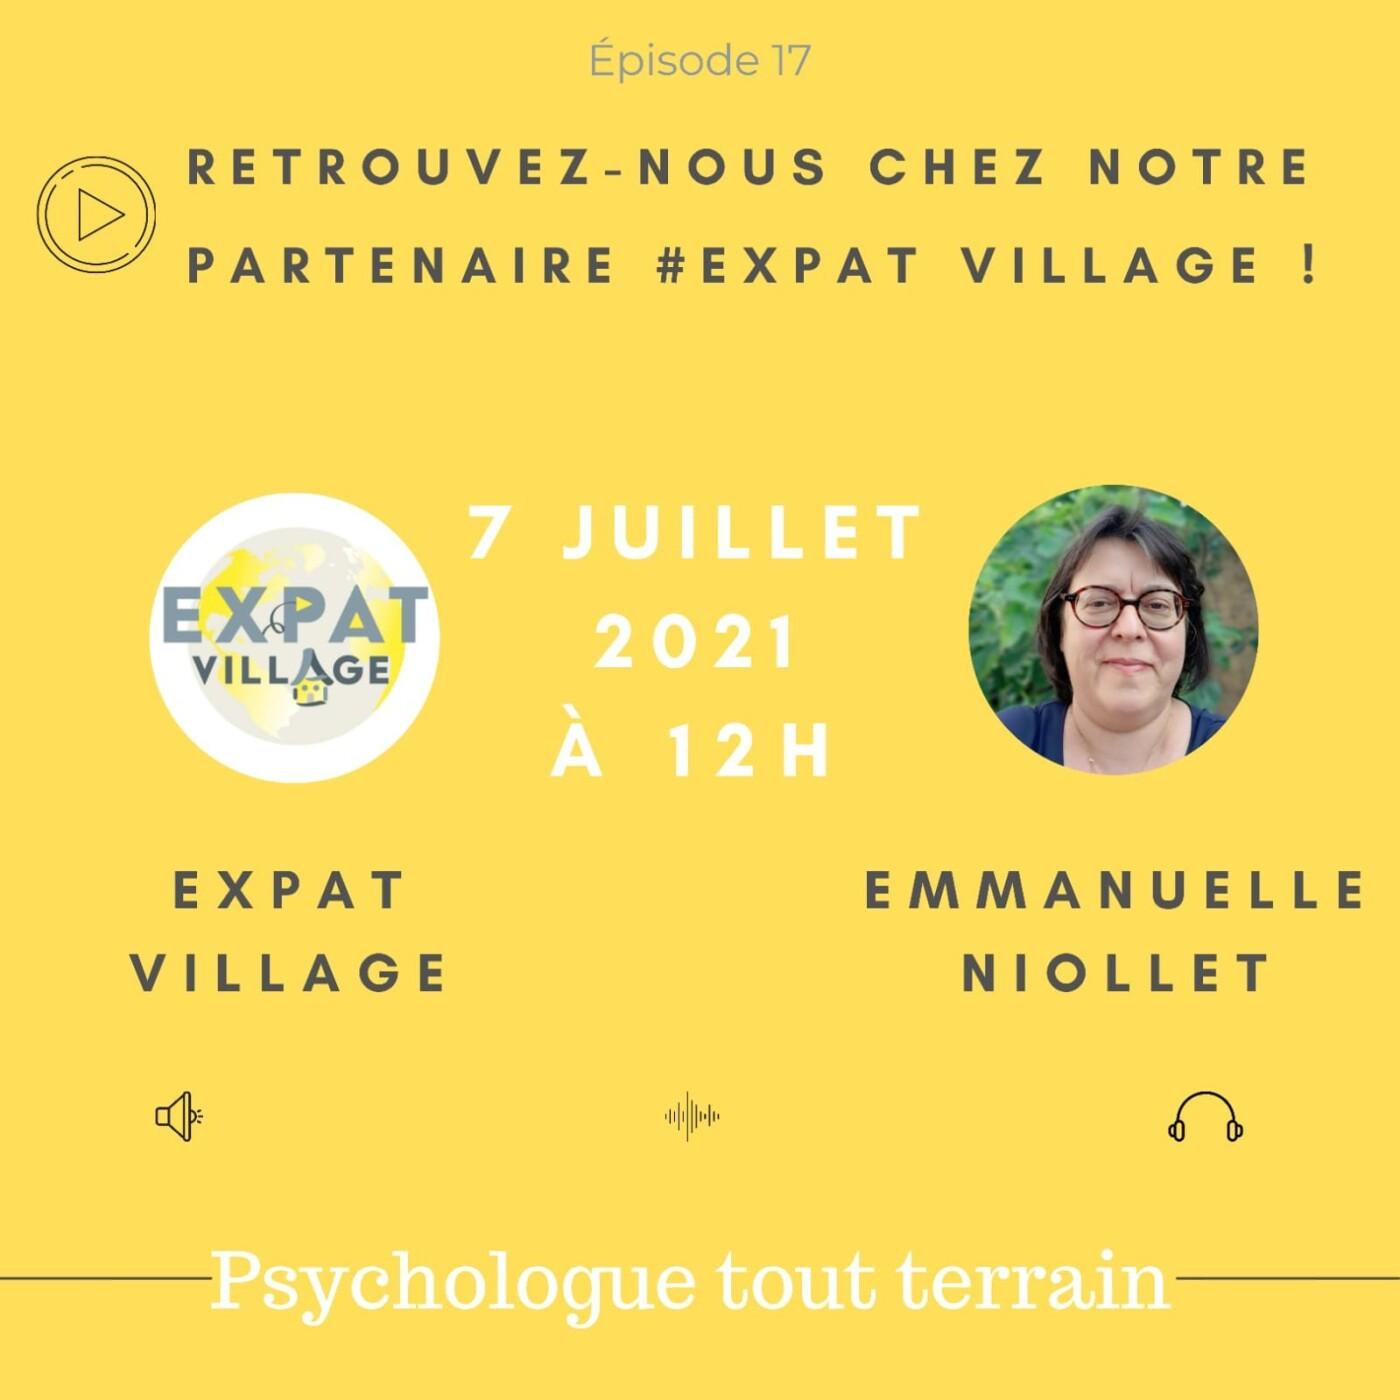 Emmanuelle est psychologue dans l'Expat-Village - 07 07 2021 - StereoChic Radio